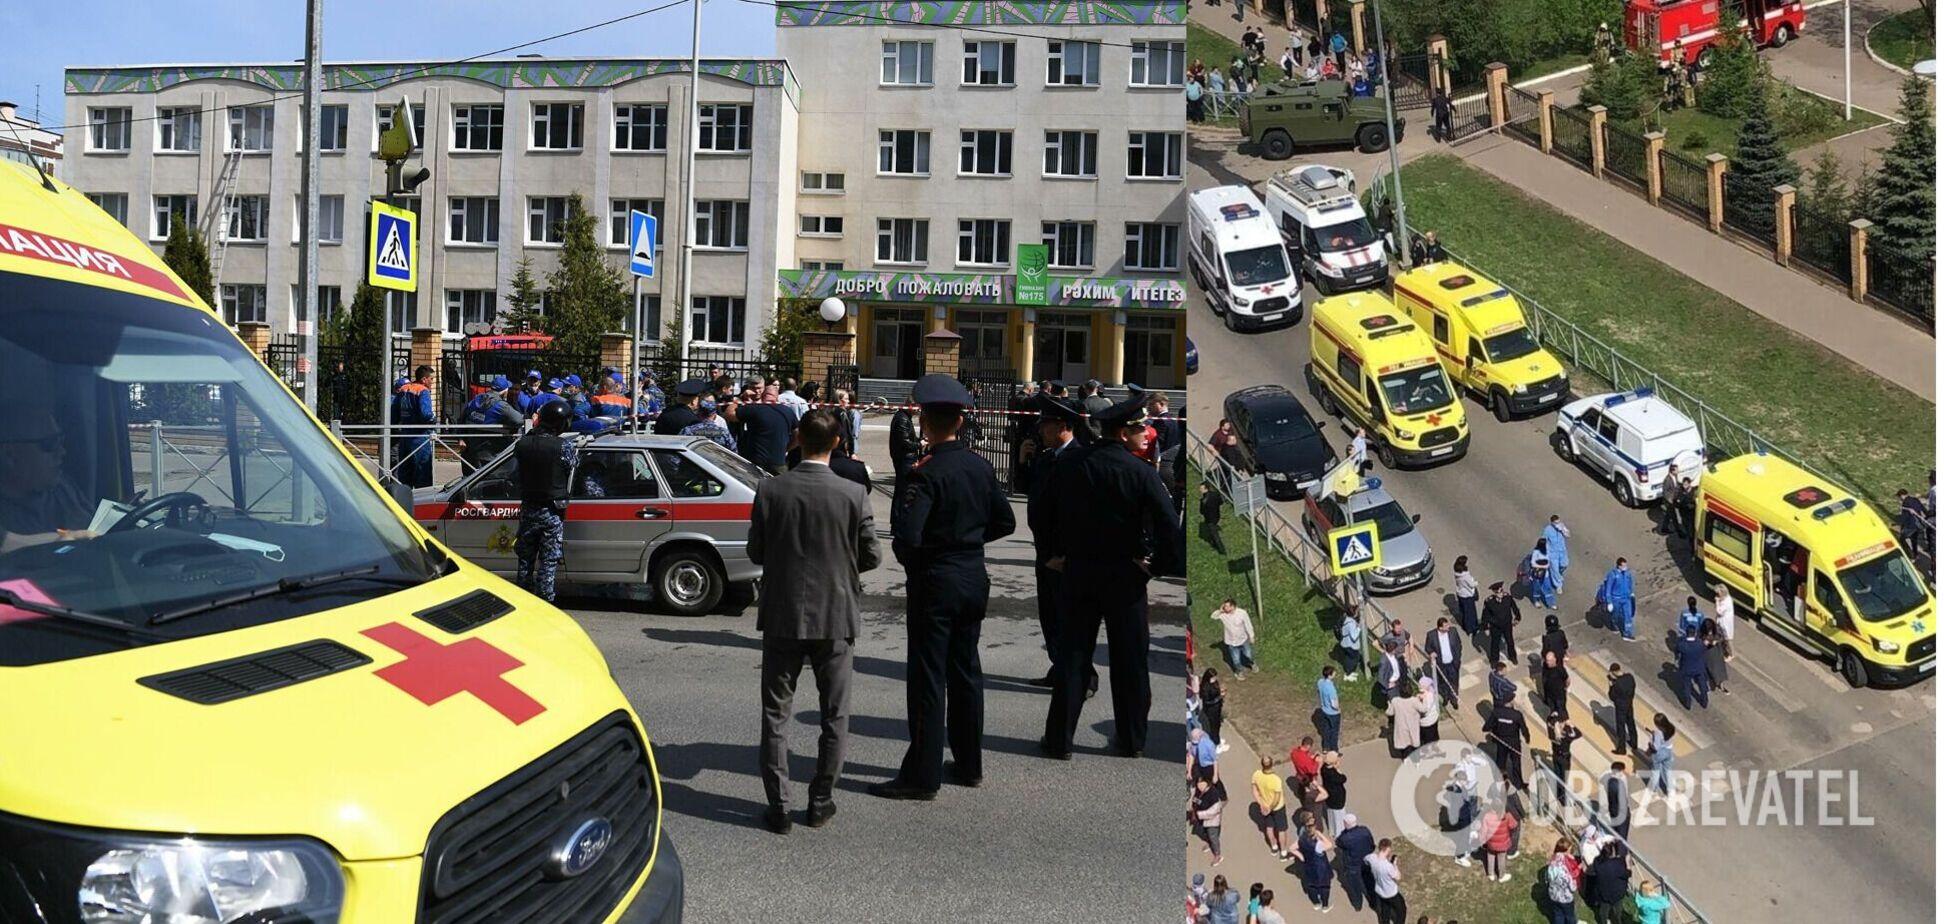 Убивство в школі в Казані: опубліковано список жертв Ільназа Галявієва